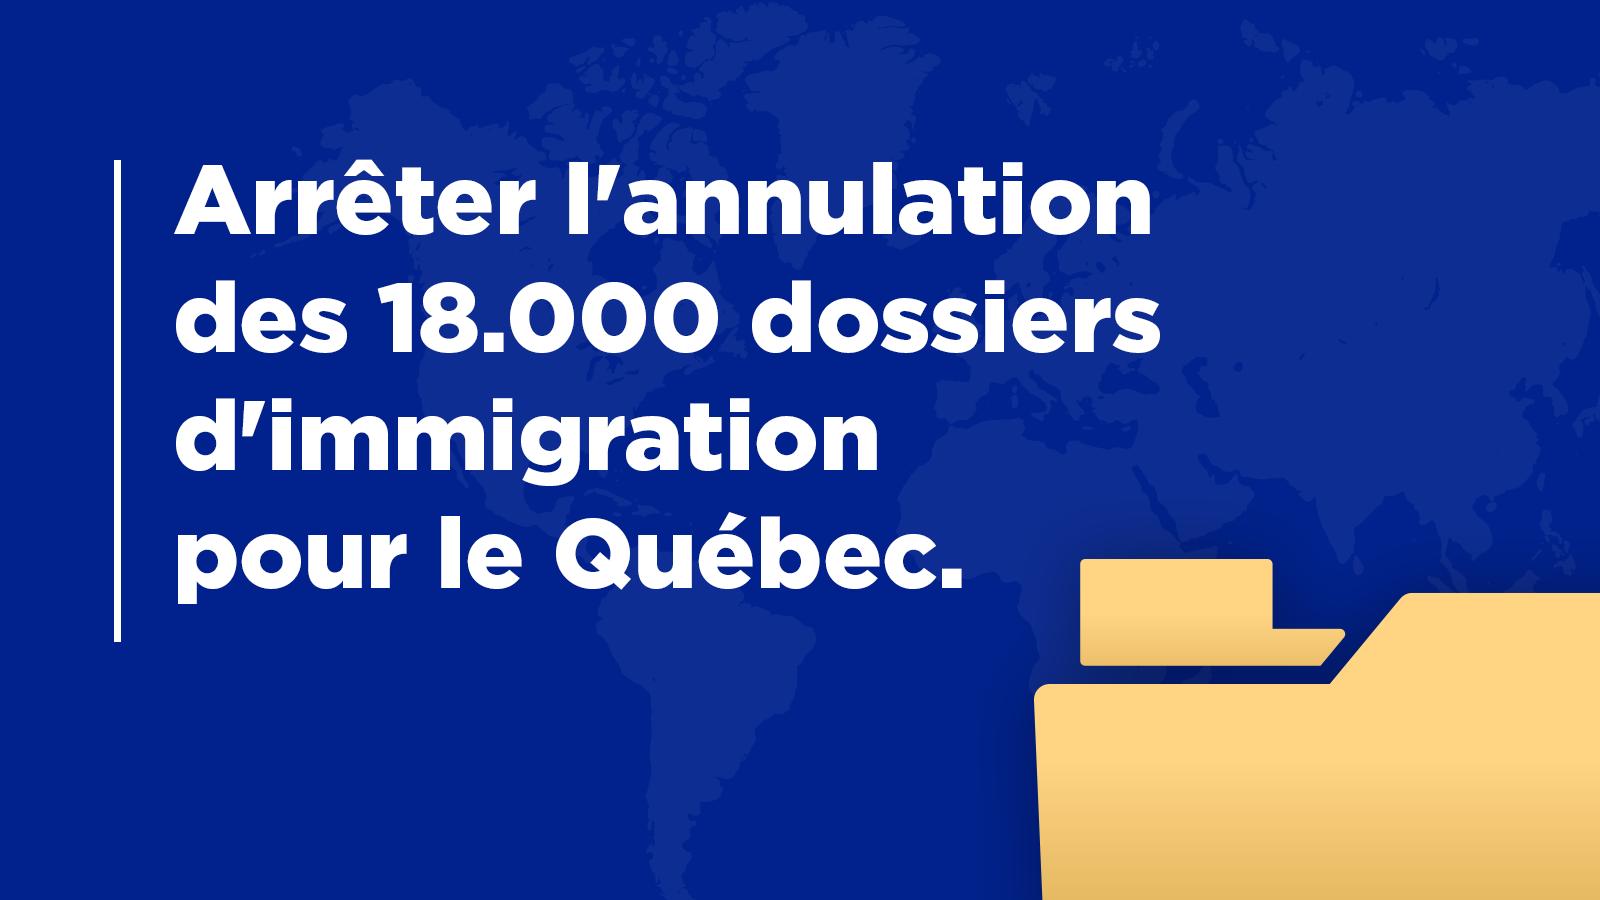 Arrêter l'annulation de l'ensemble de 18.000 dossiers d'immigration pour le Québec.